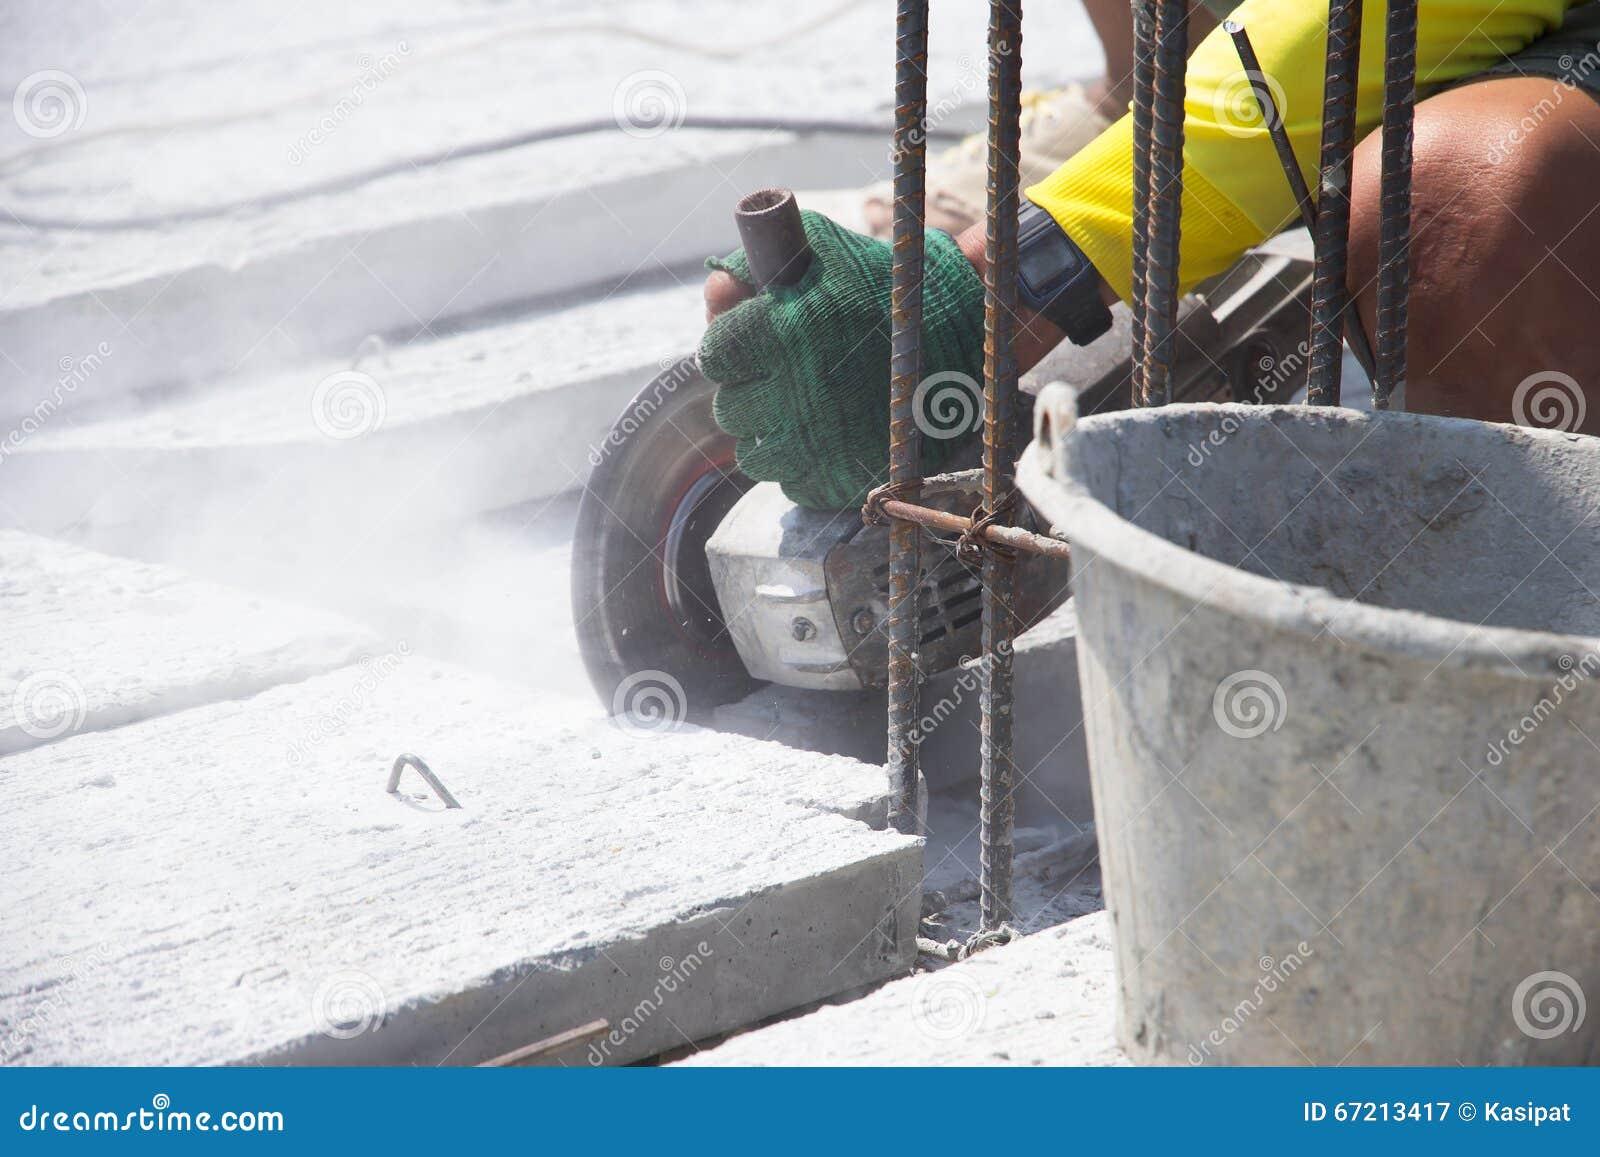 schneiden sie betonplatte stockbild. bild von konkret - 67213417